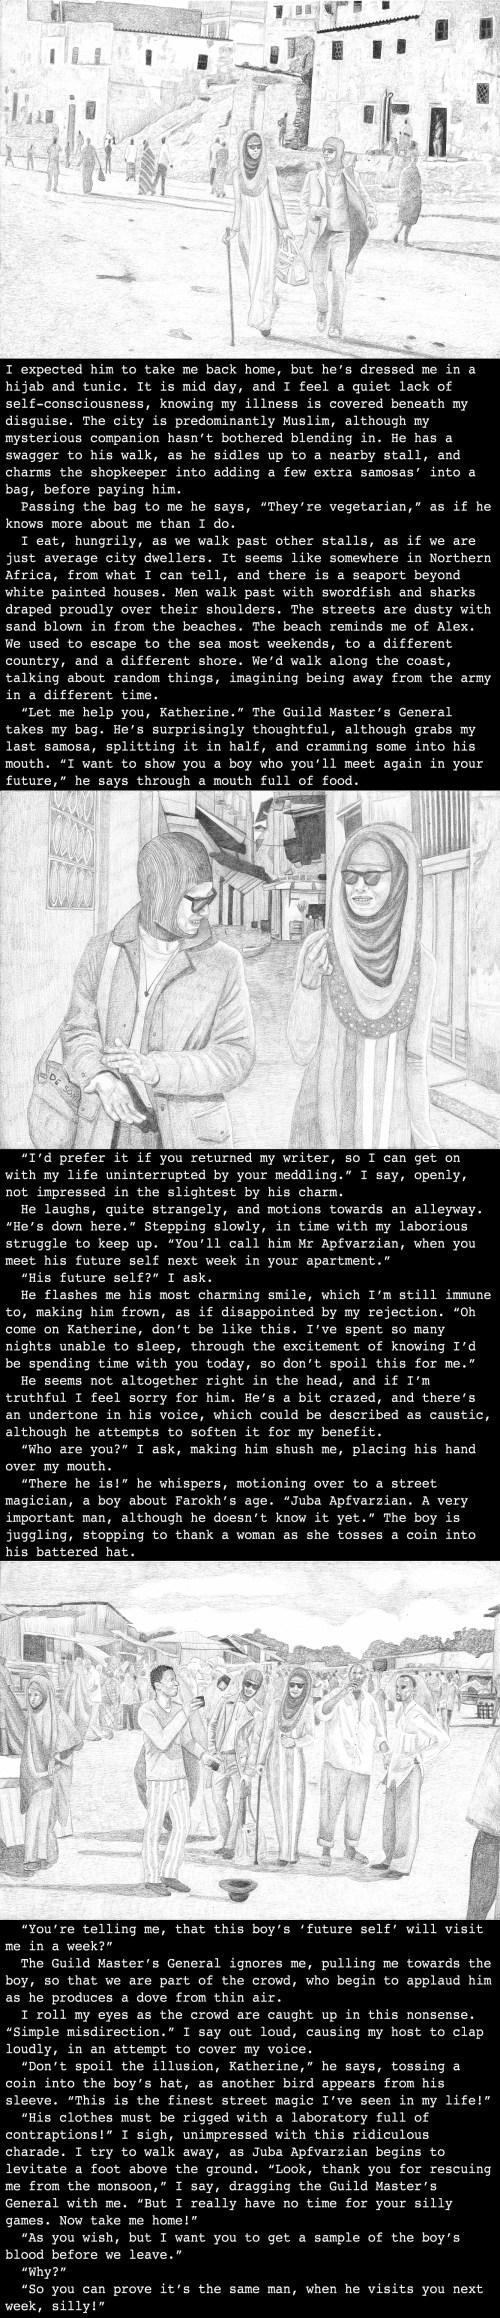 Katherines backstory set in Mogadishu, Somalia, (3990)